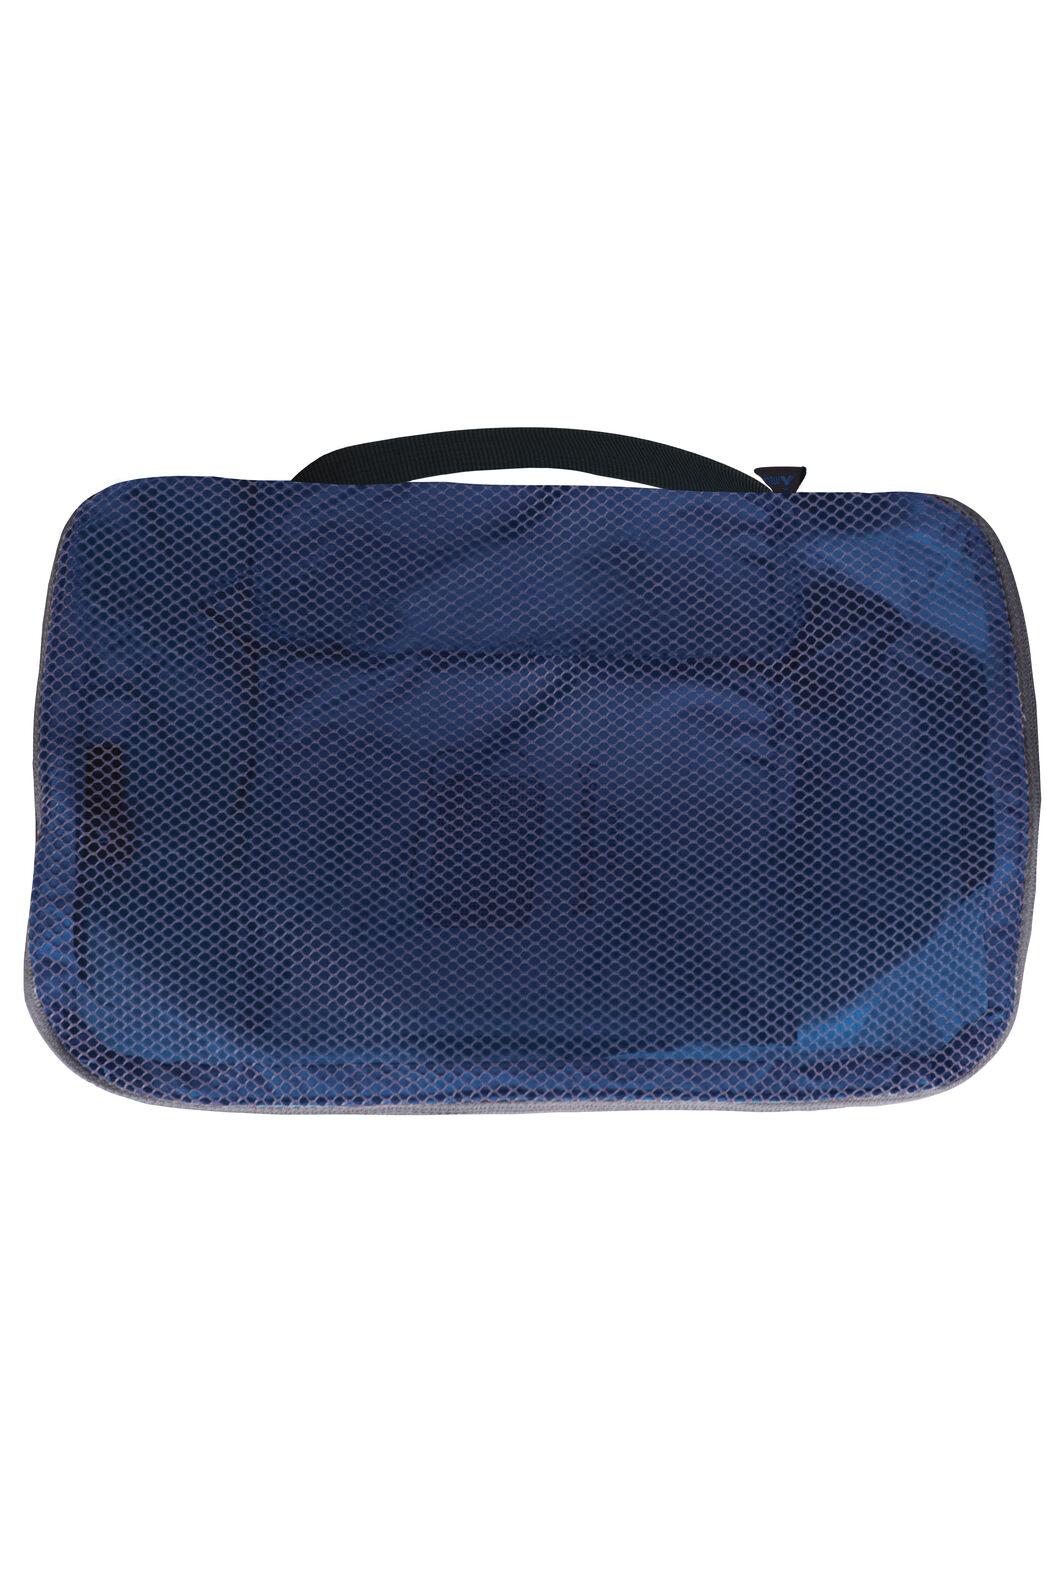 Macpac Medium Packing Cell, Mykonos, hi-res